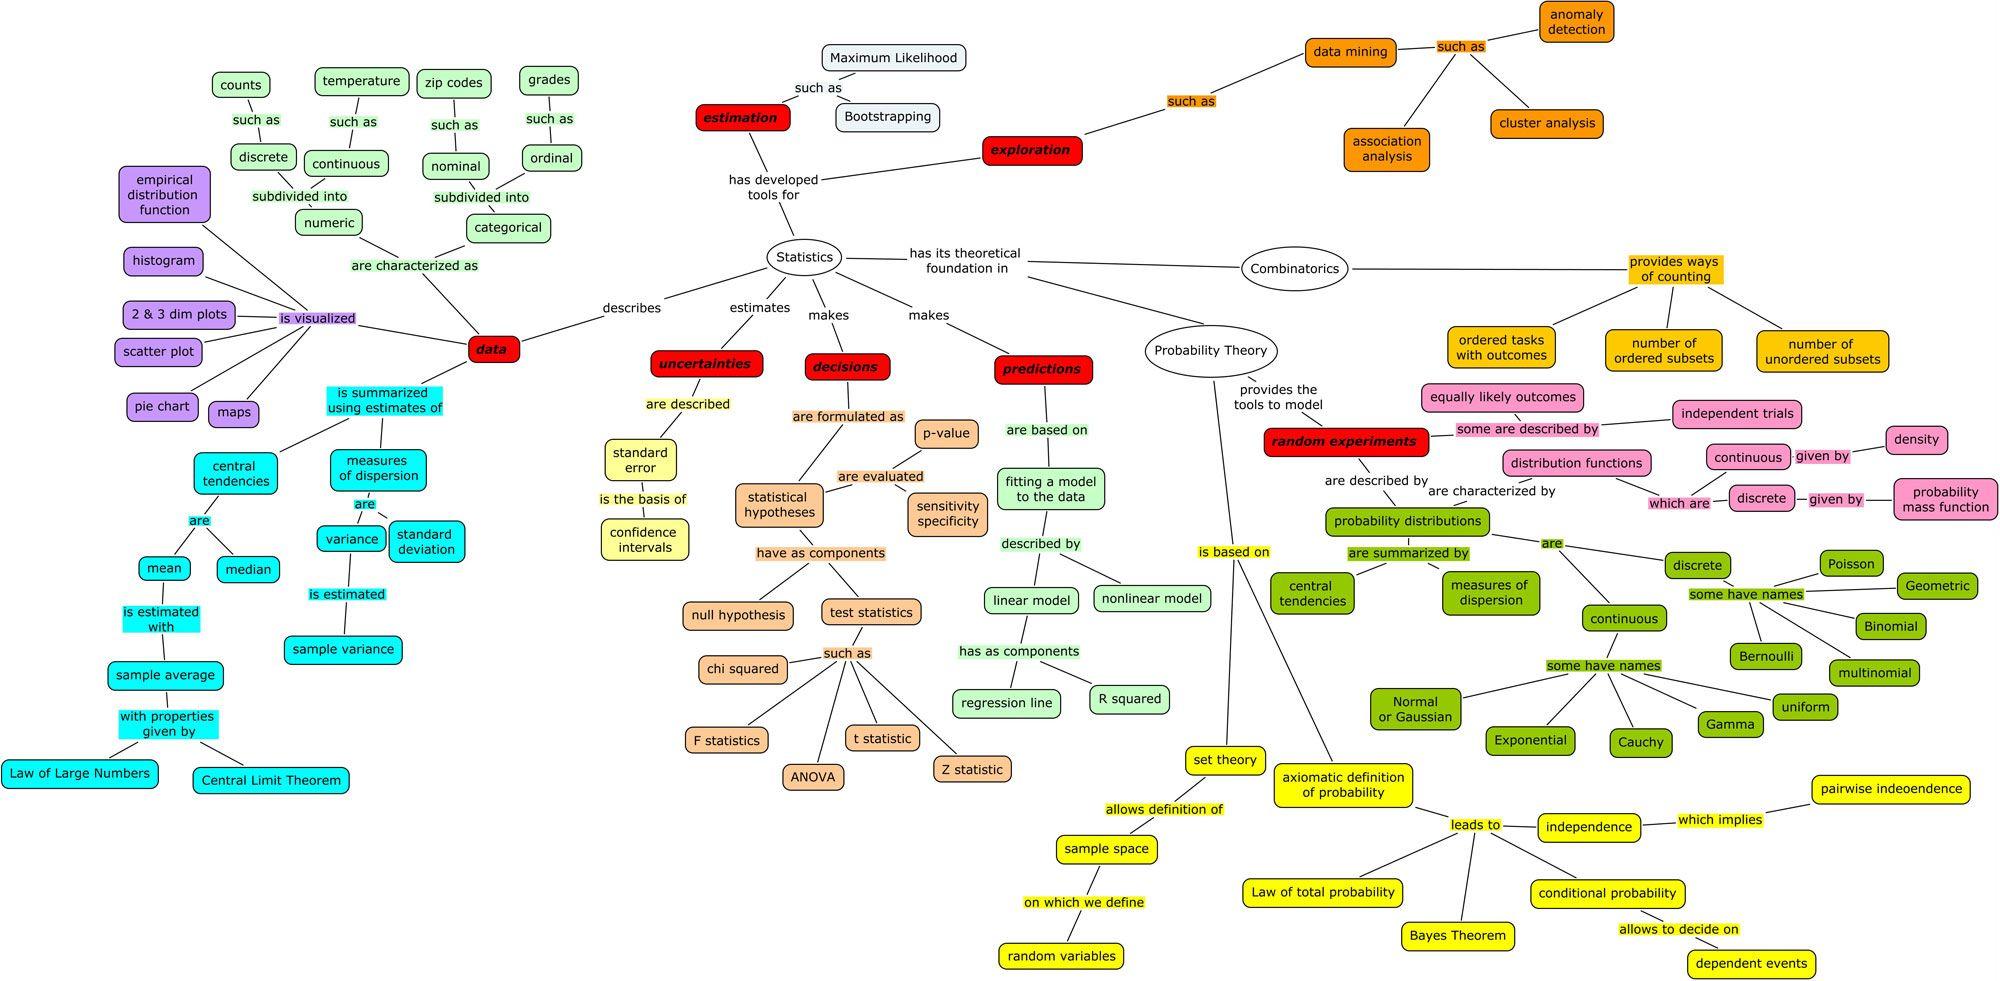 Statistics Concept Map